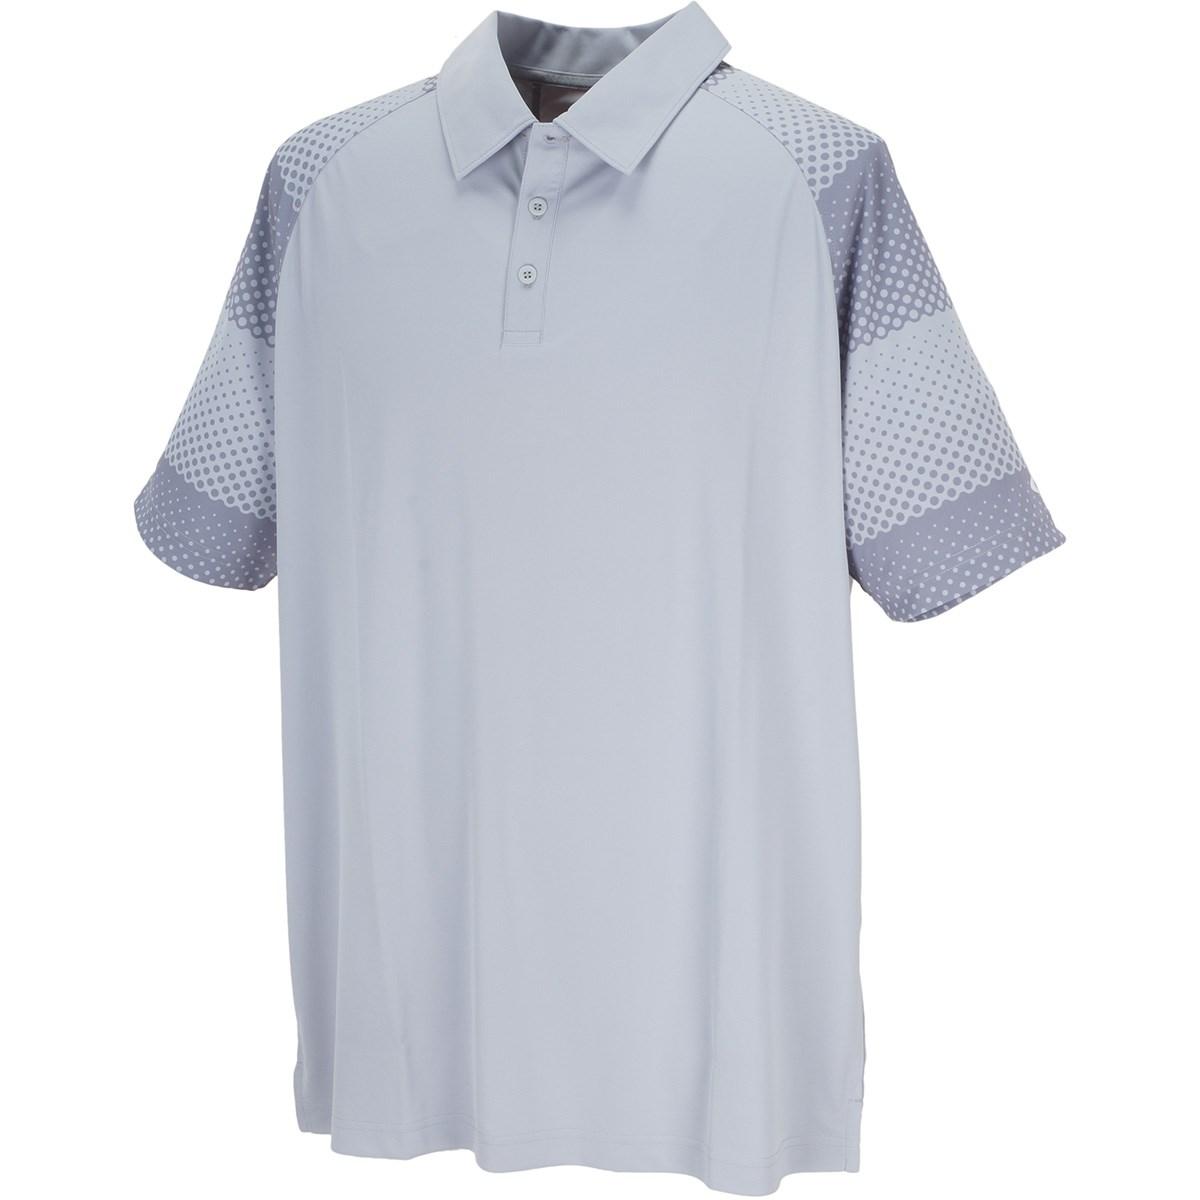 オークリー(OAKLEY) DOT 半袖ポロシャツ